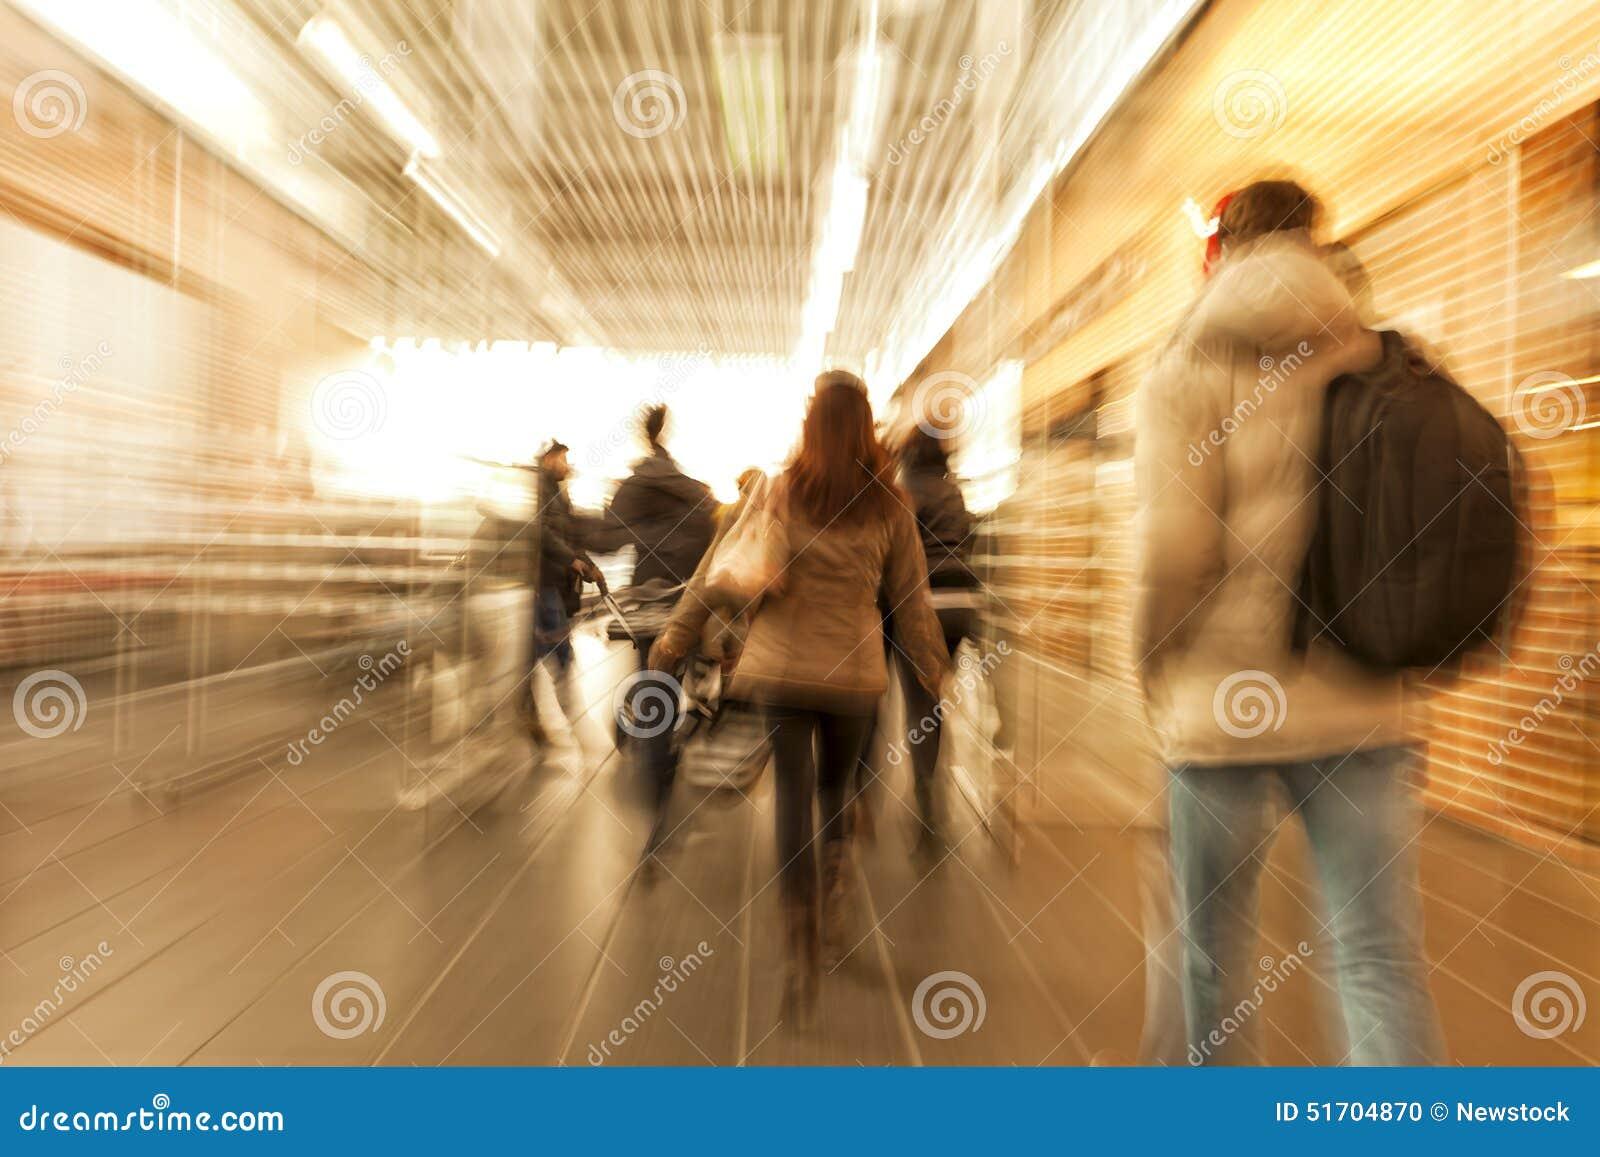 Cliente que apressa-se através do corredor, efeito do zumbido, borrão de movimento, cruz